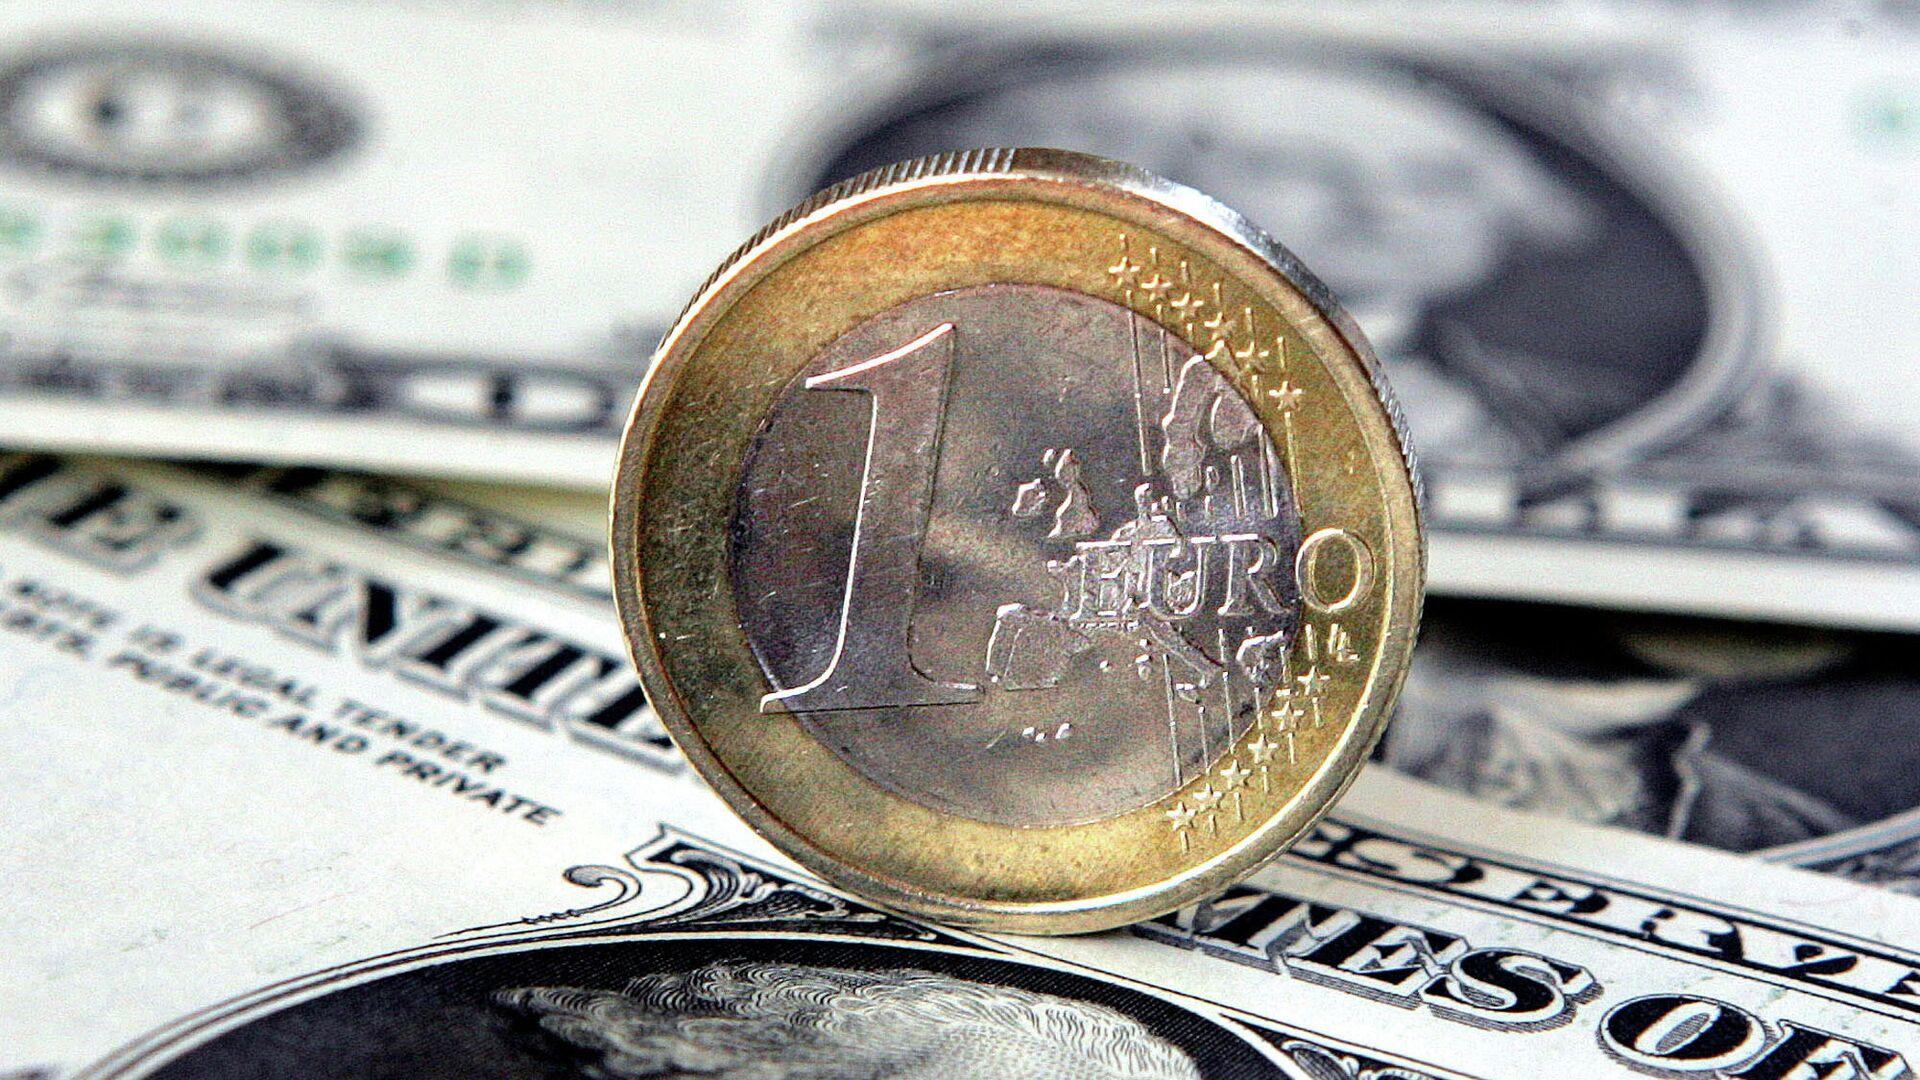 Доллары и евро. Архивное фото - РИА Новости, 1920, 05.01.2021